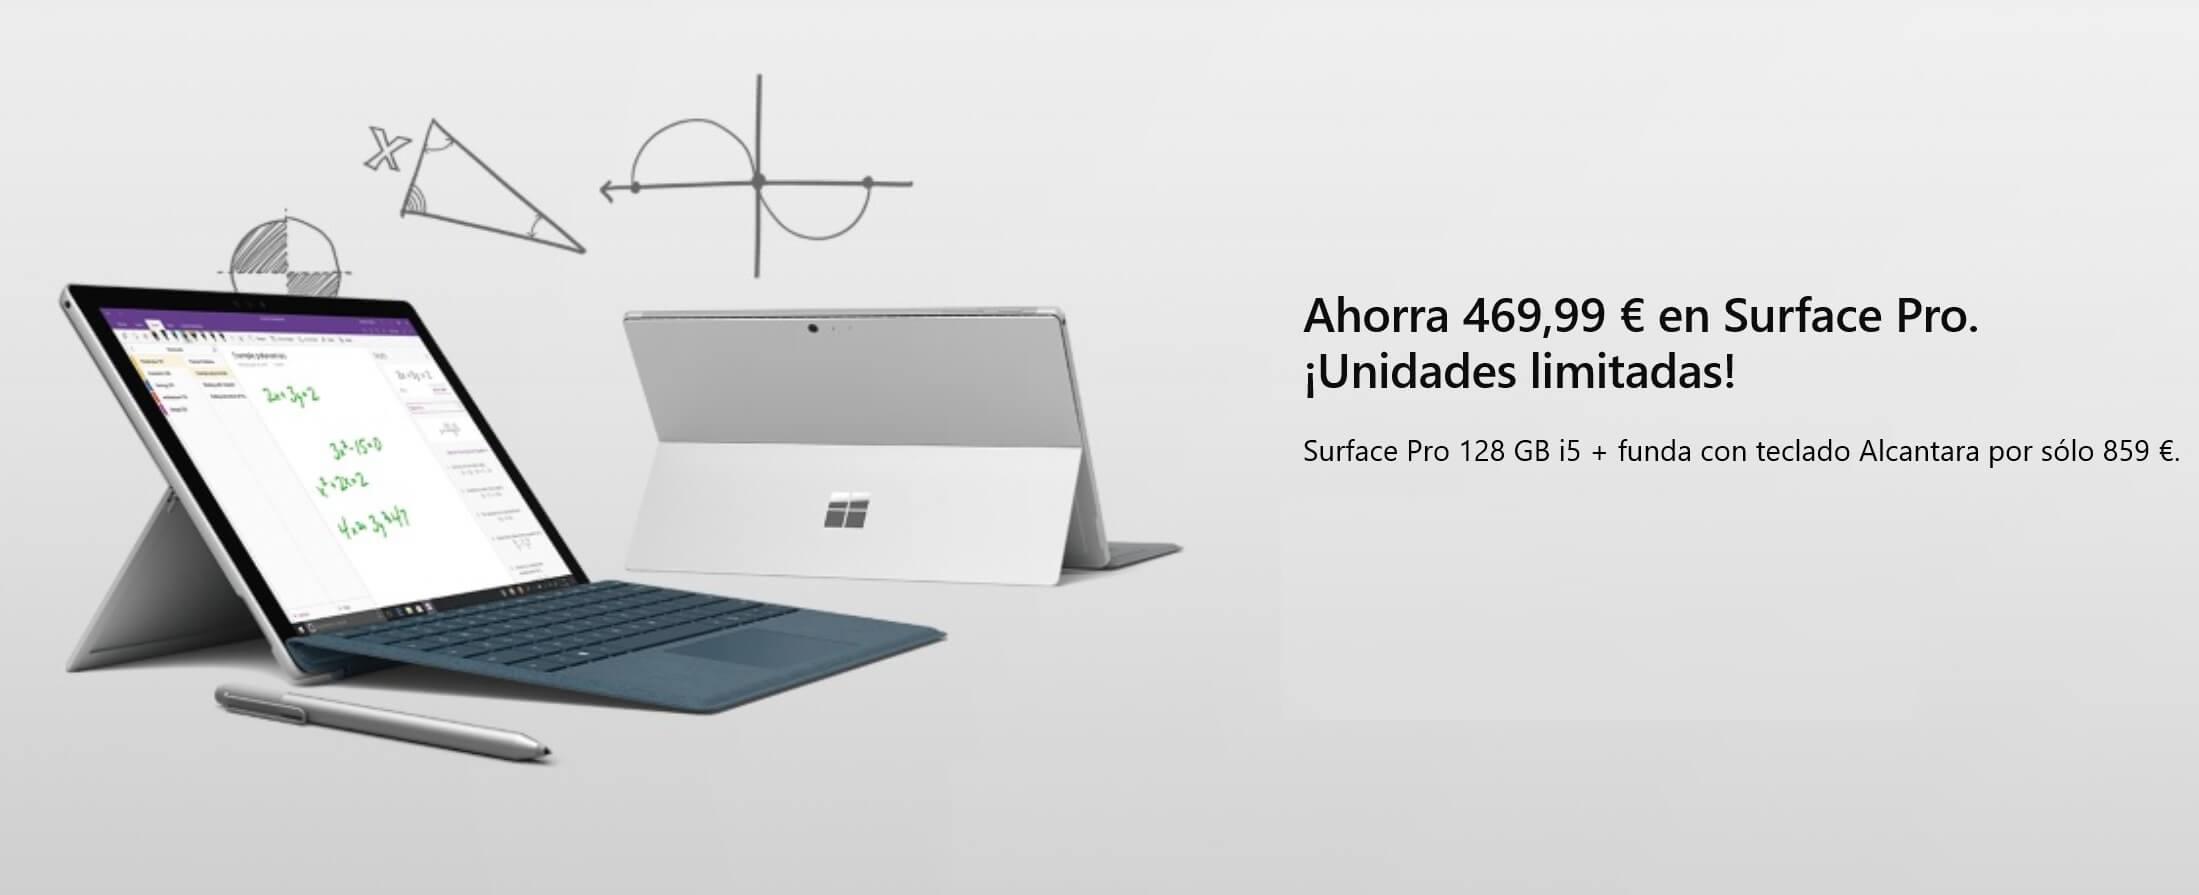 Surface Pro Intel i5, 128GB SSD y teclado Alcantara con un ahorro de 469.99€, ¡Unidades limitadas!